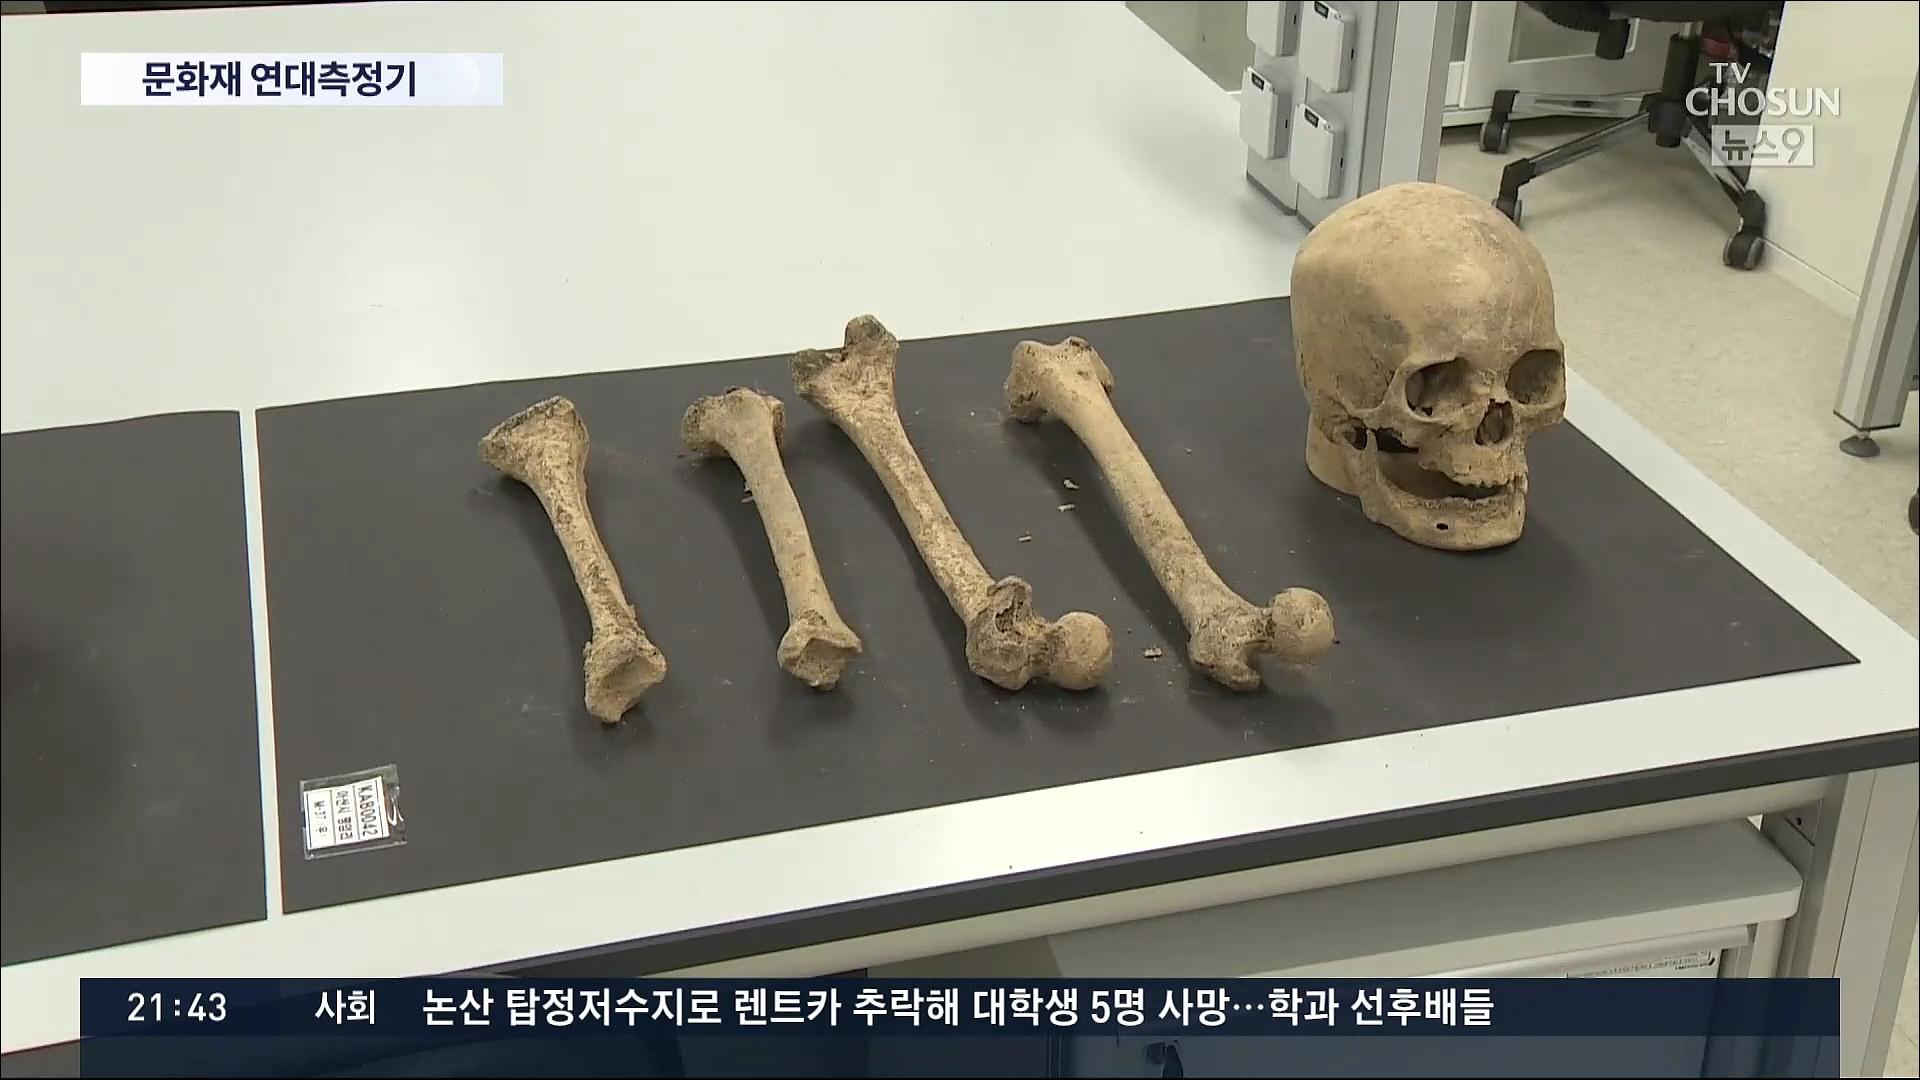 '사람·동물 뼈로 과거사 알아낸다'…국내 첫 연대측정 장비 도입